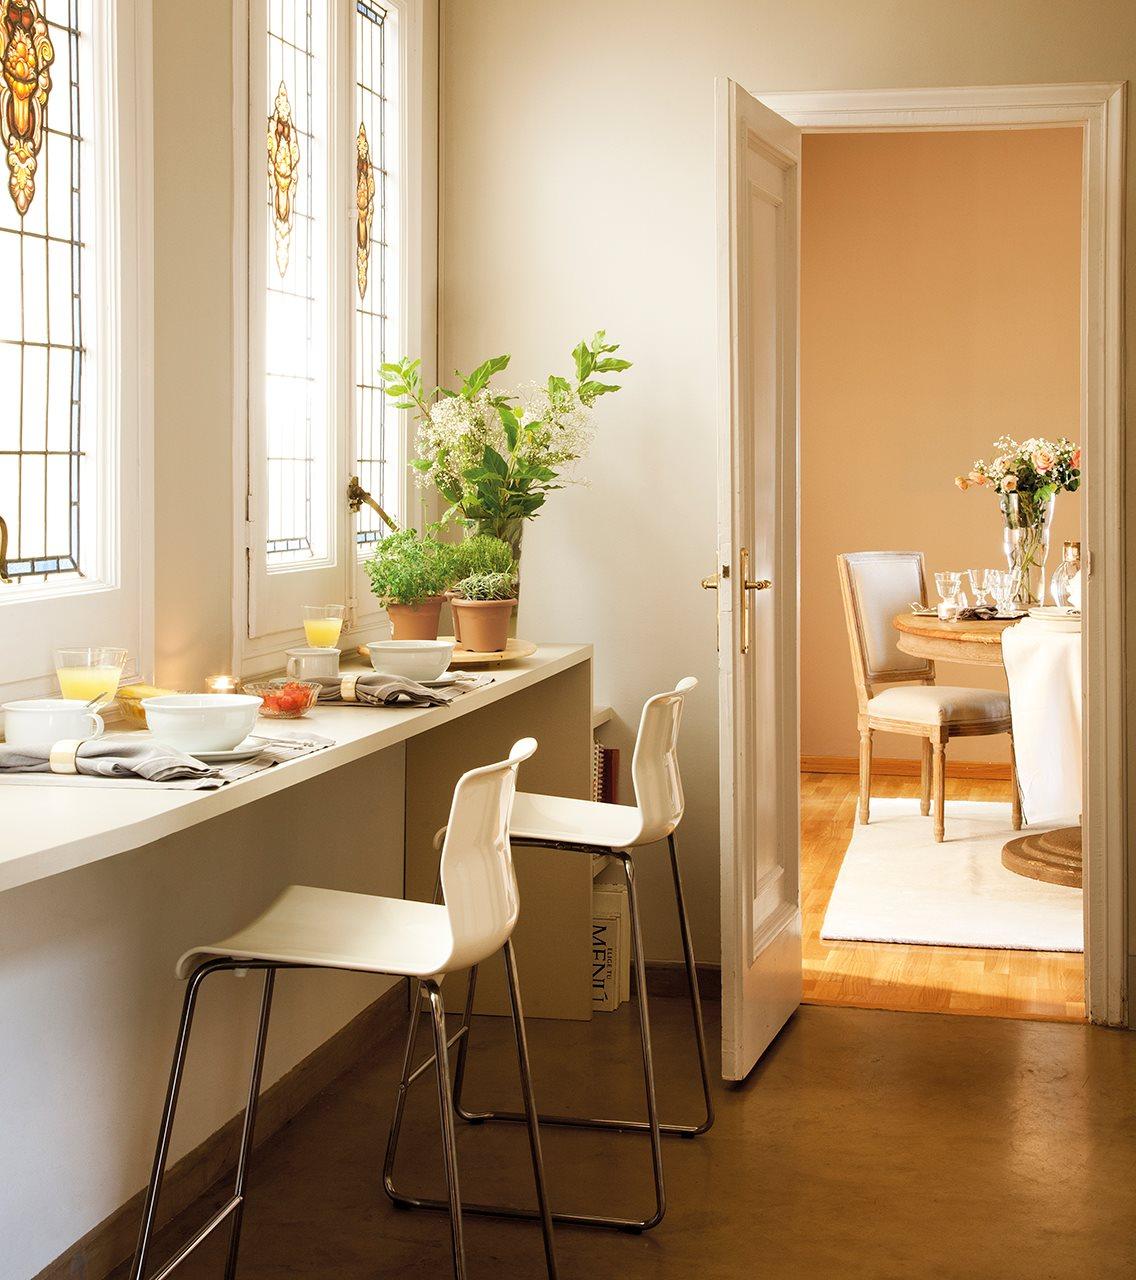 C mo aprovechar el espacio en cocinas peque as for Barras de cocina comedor